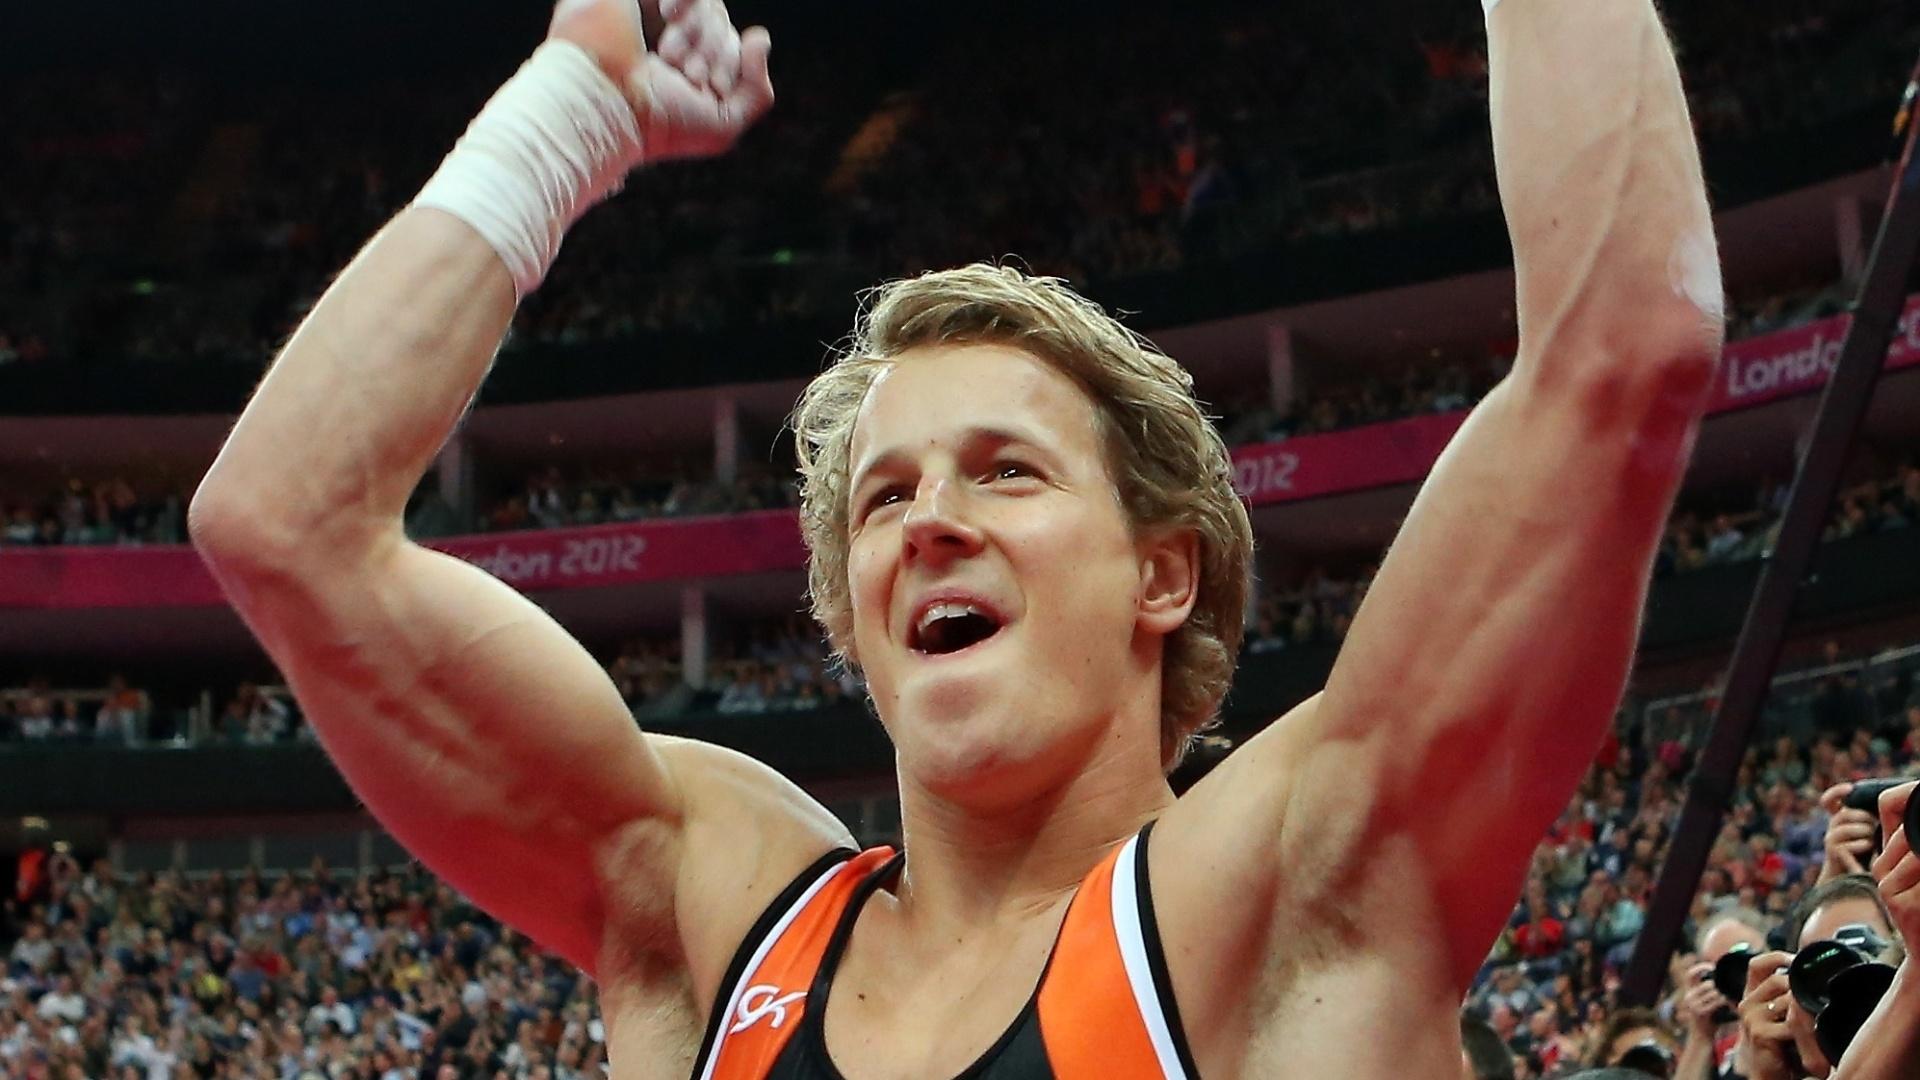 Holandês Epke Zonderland comemora a conquistar a medalha de ouro na final da barra fixa